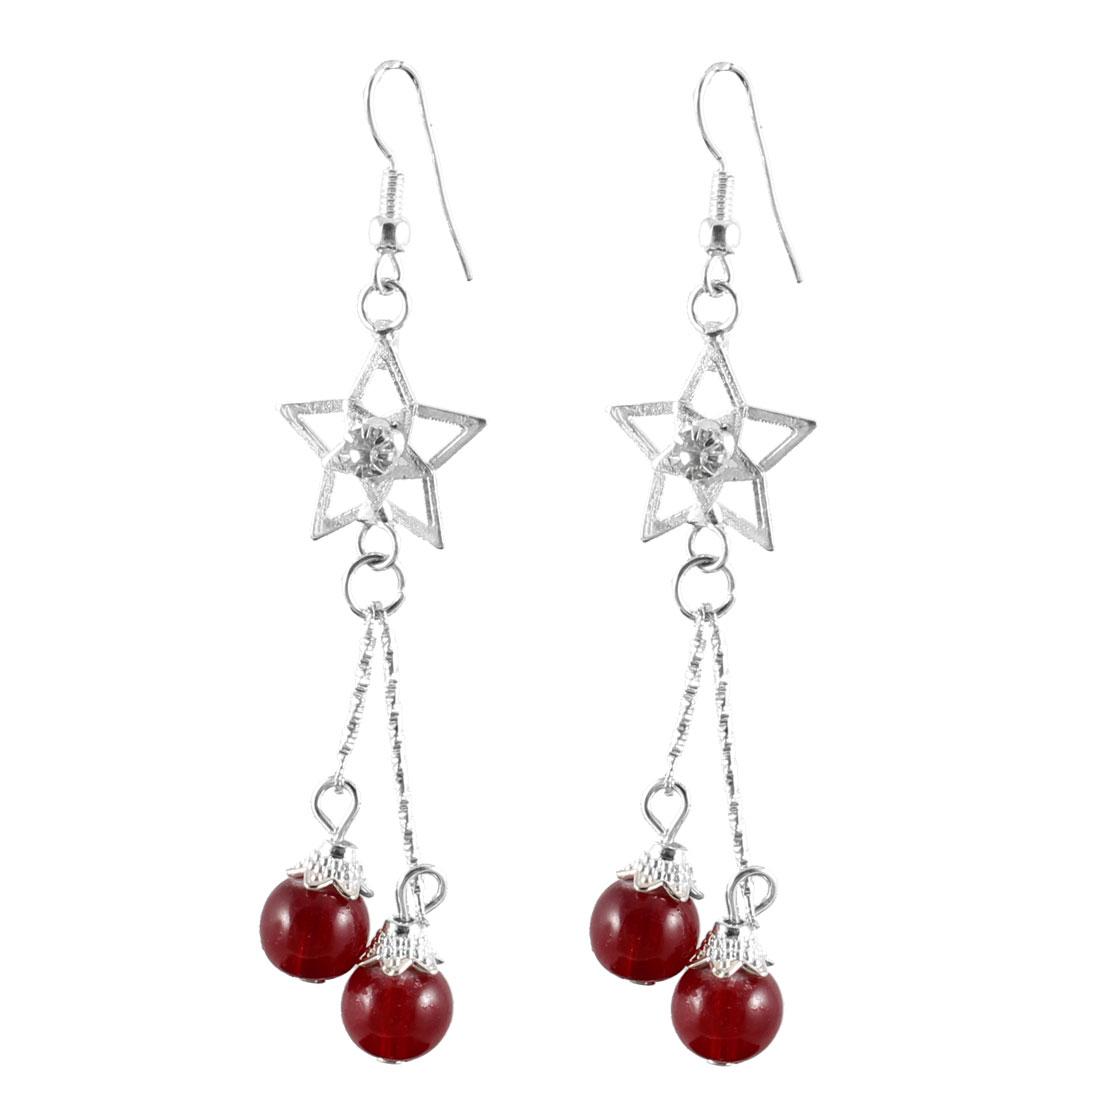 Women Rhinestone Inlaid Star Decor Burgundy Round Beads Dangle Hook Earrings Pair